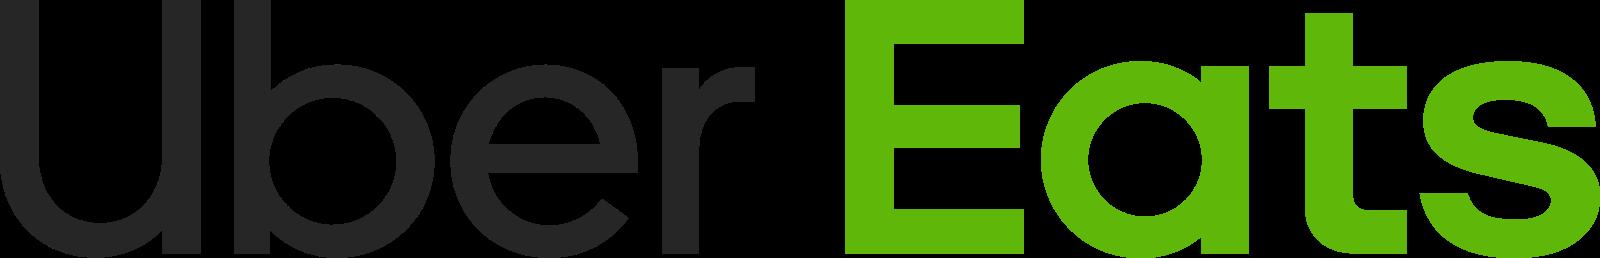 uber eats logo 2 - Uber Eats Logo